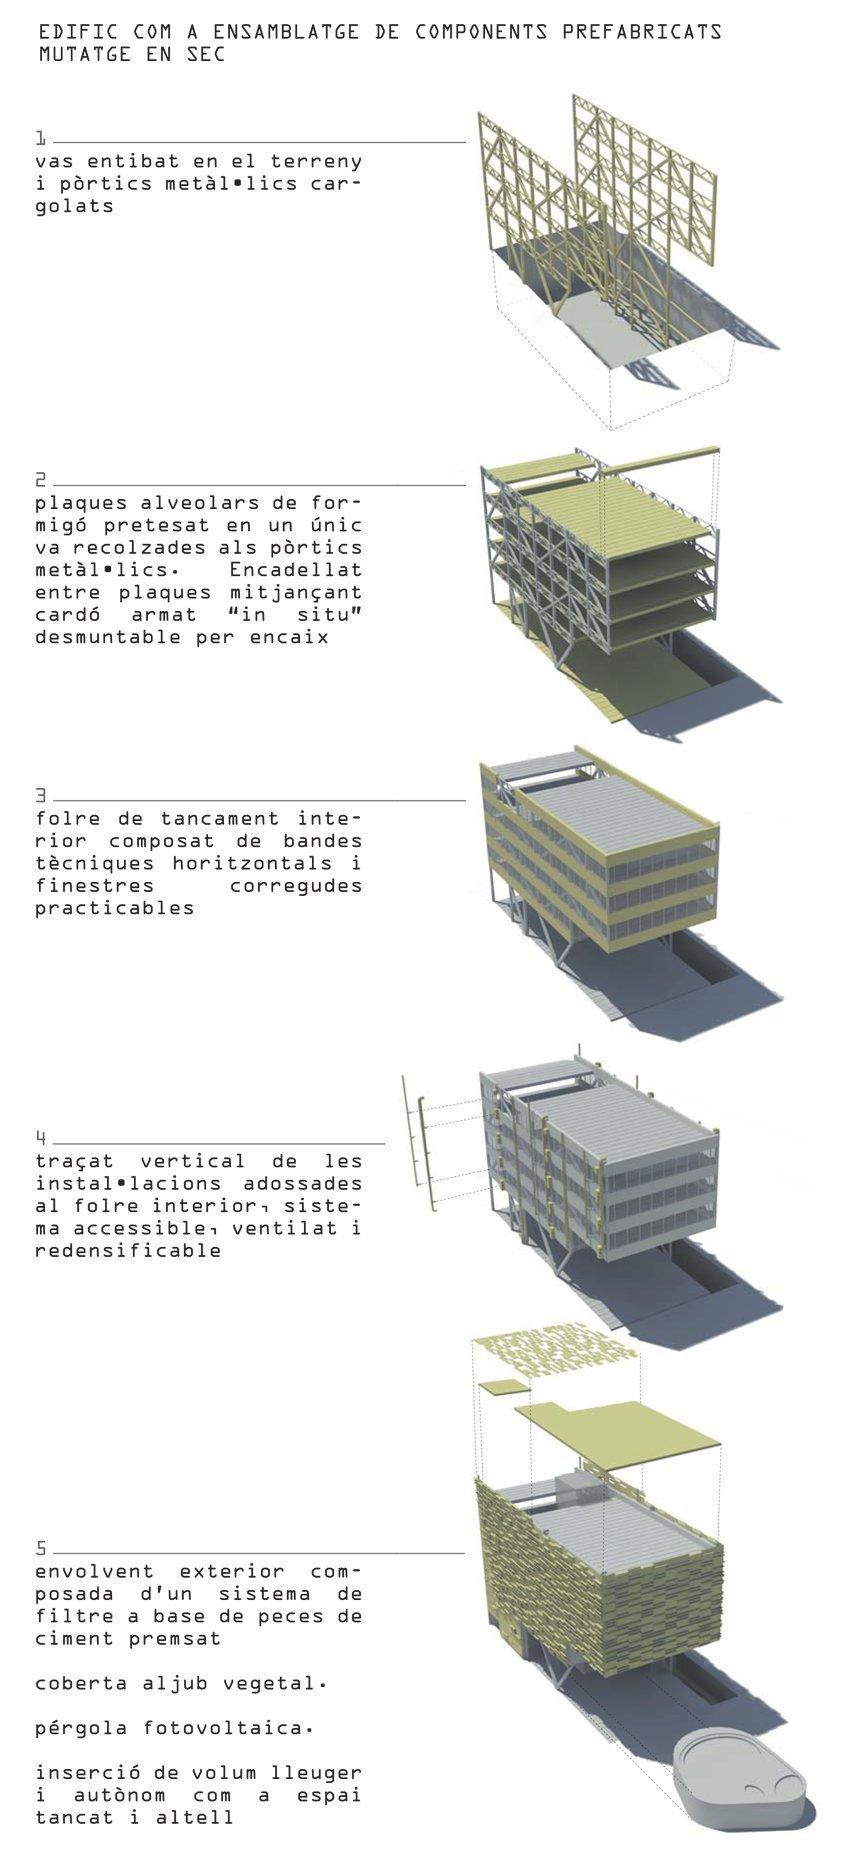 centro tecnológico leitat industrializacion